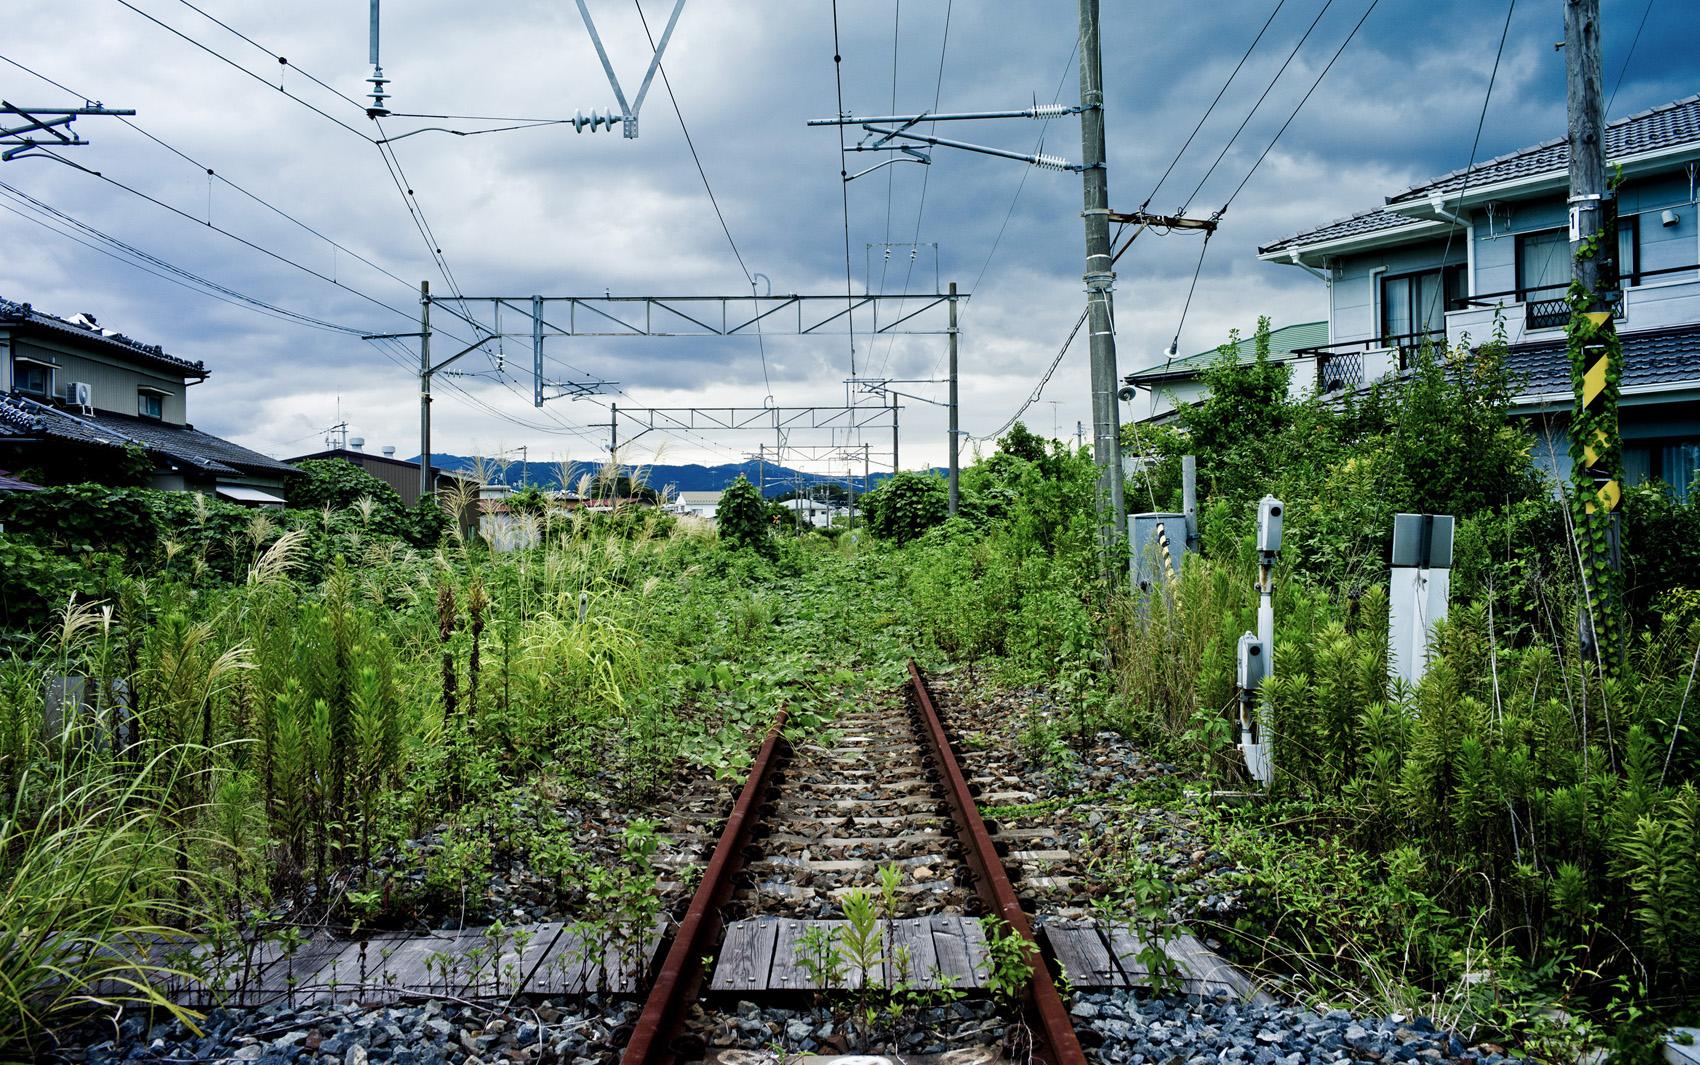 Linha de trem abandonada em uma área contaminada após o terremoto de 2011 que danificou a usina nuclear de Fukushima, em Namie, Japão.